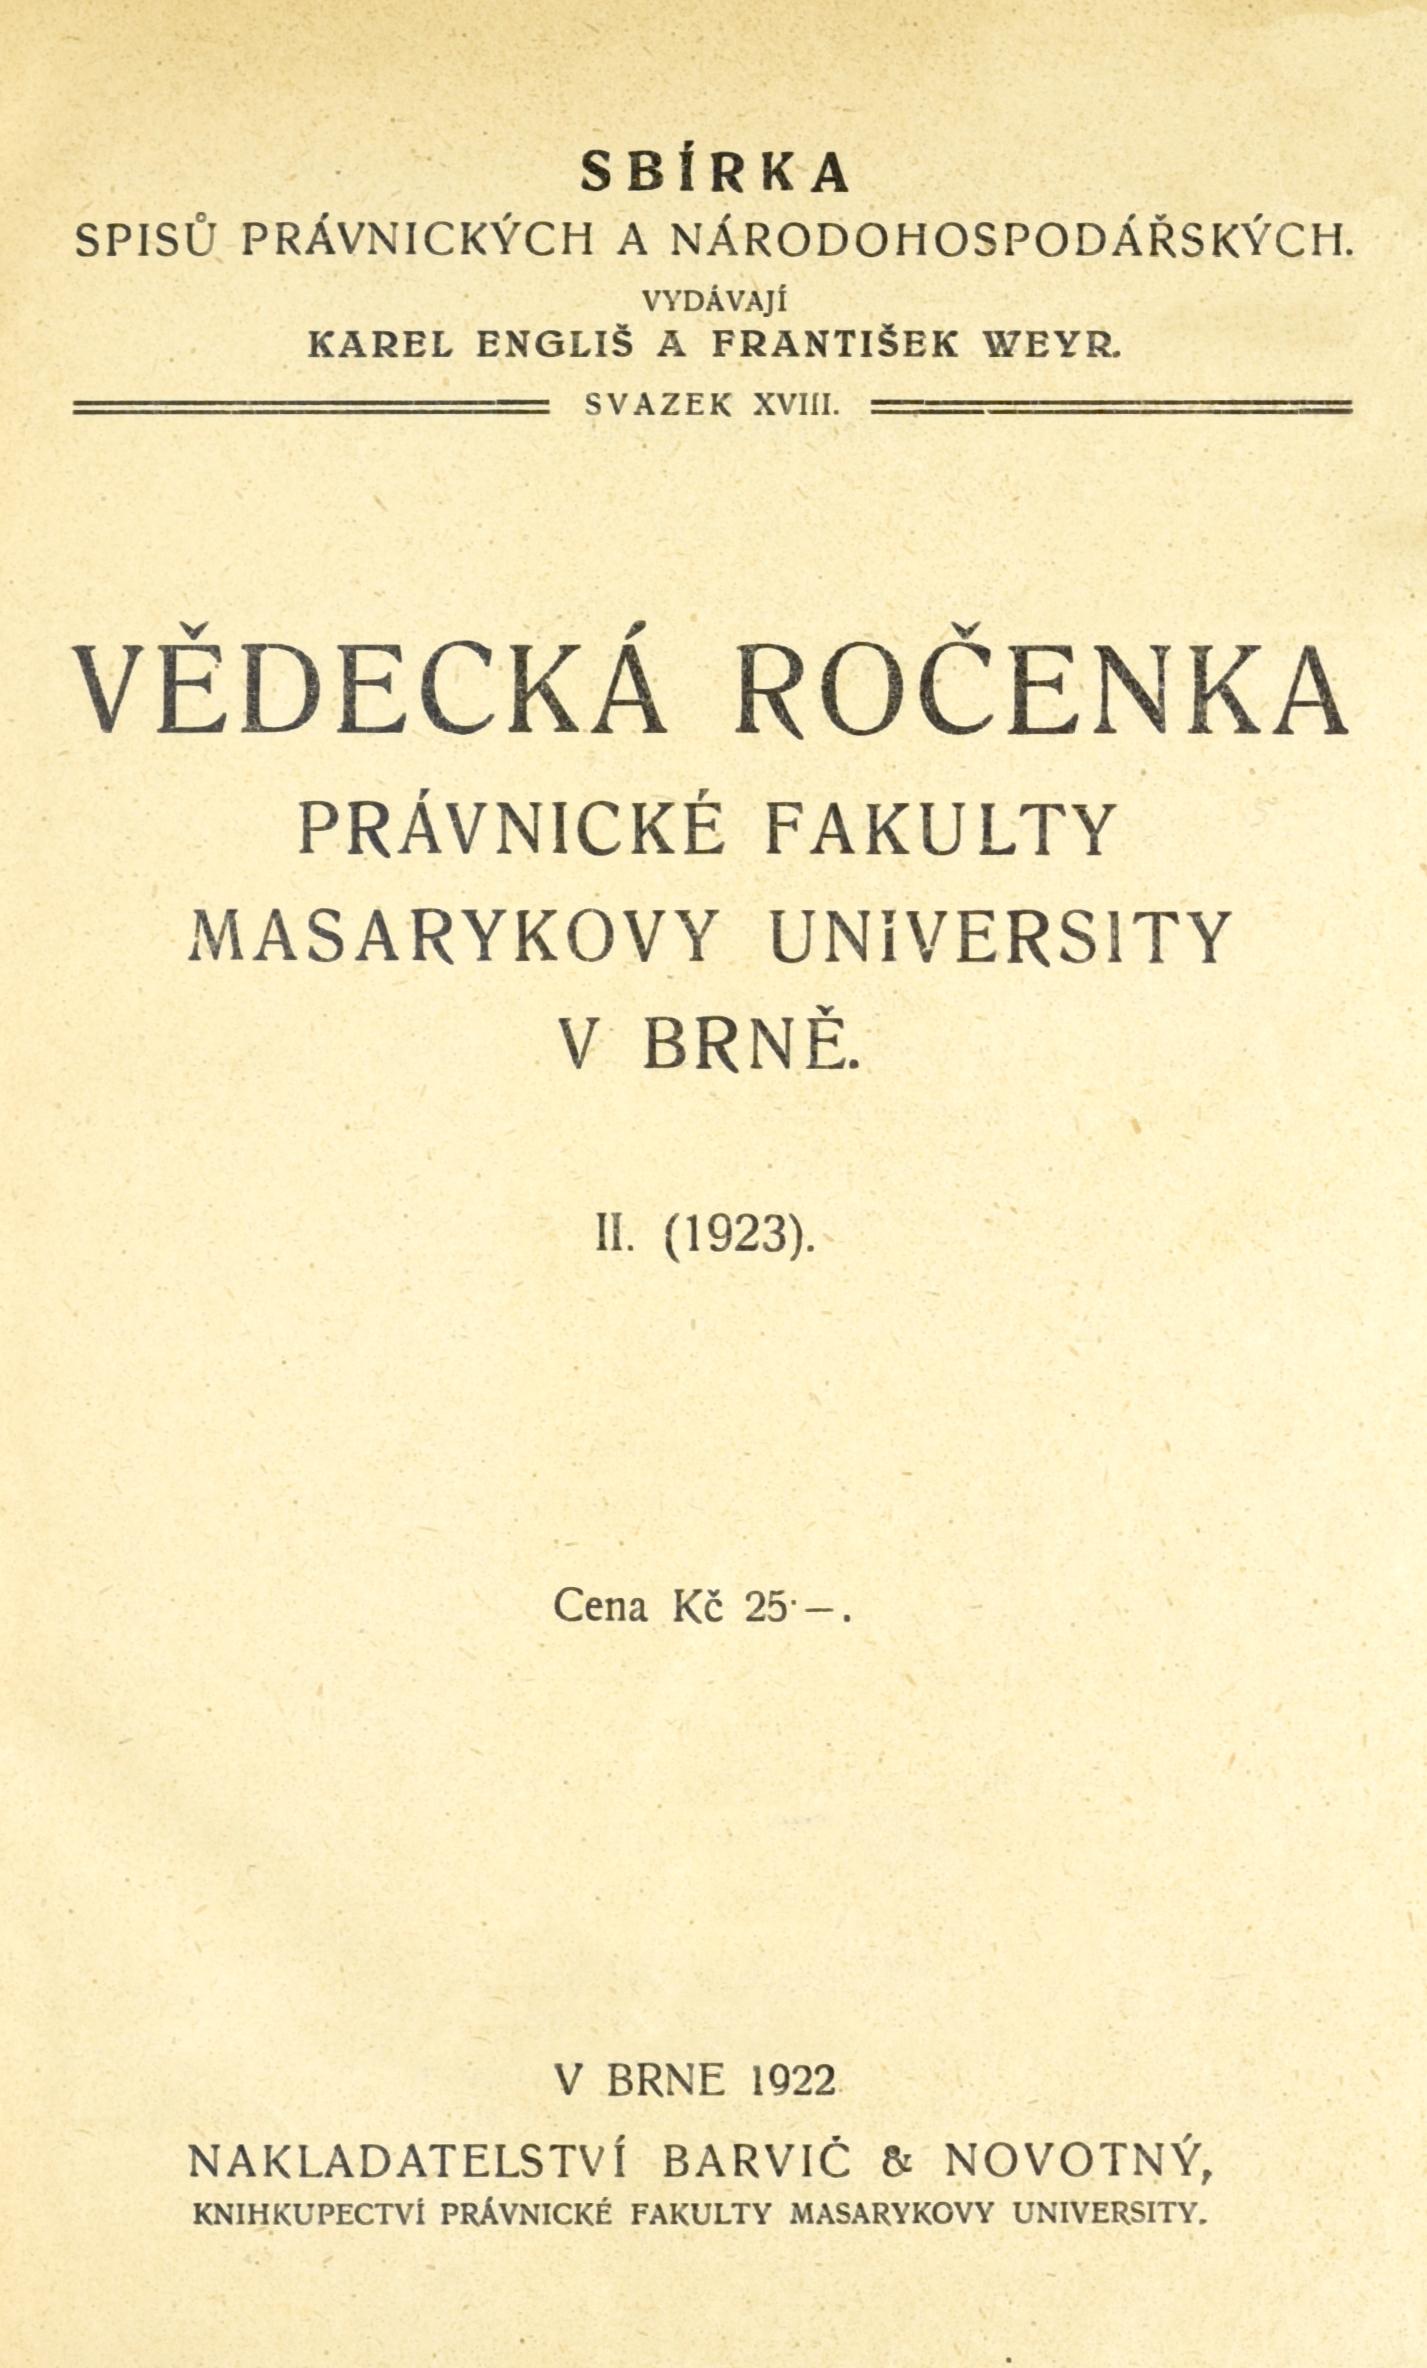 Obálka pro Vědecká ročenka právnické fakulty Masarykovy university v Brně. 2. (1923)